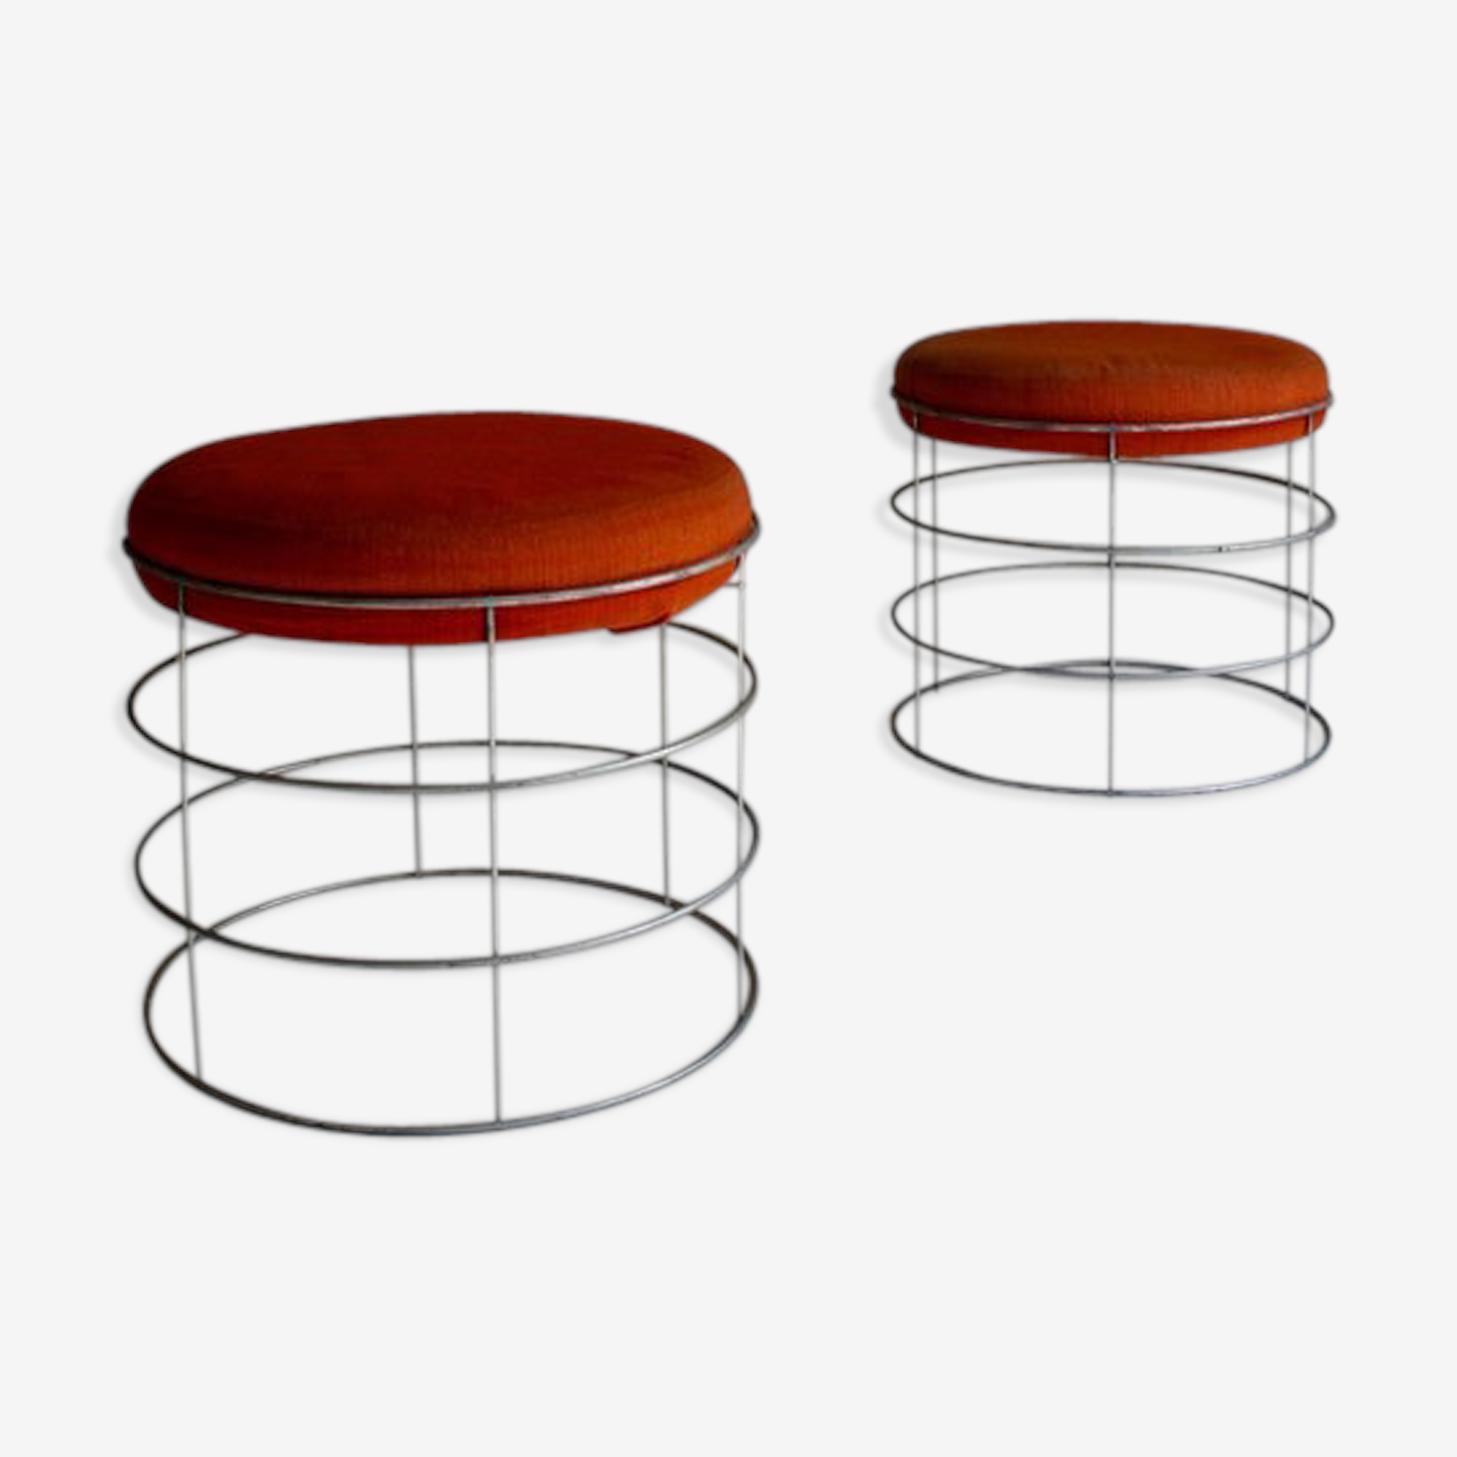 Pair of stools Verner Panton